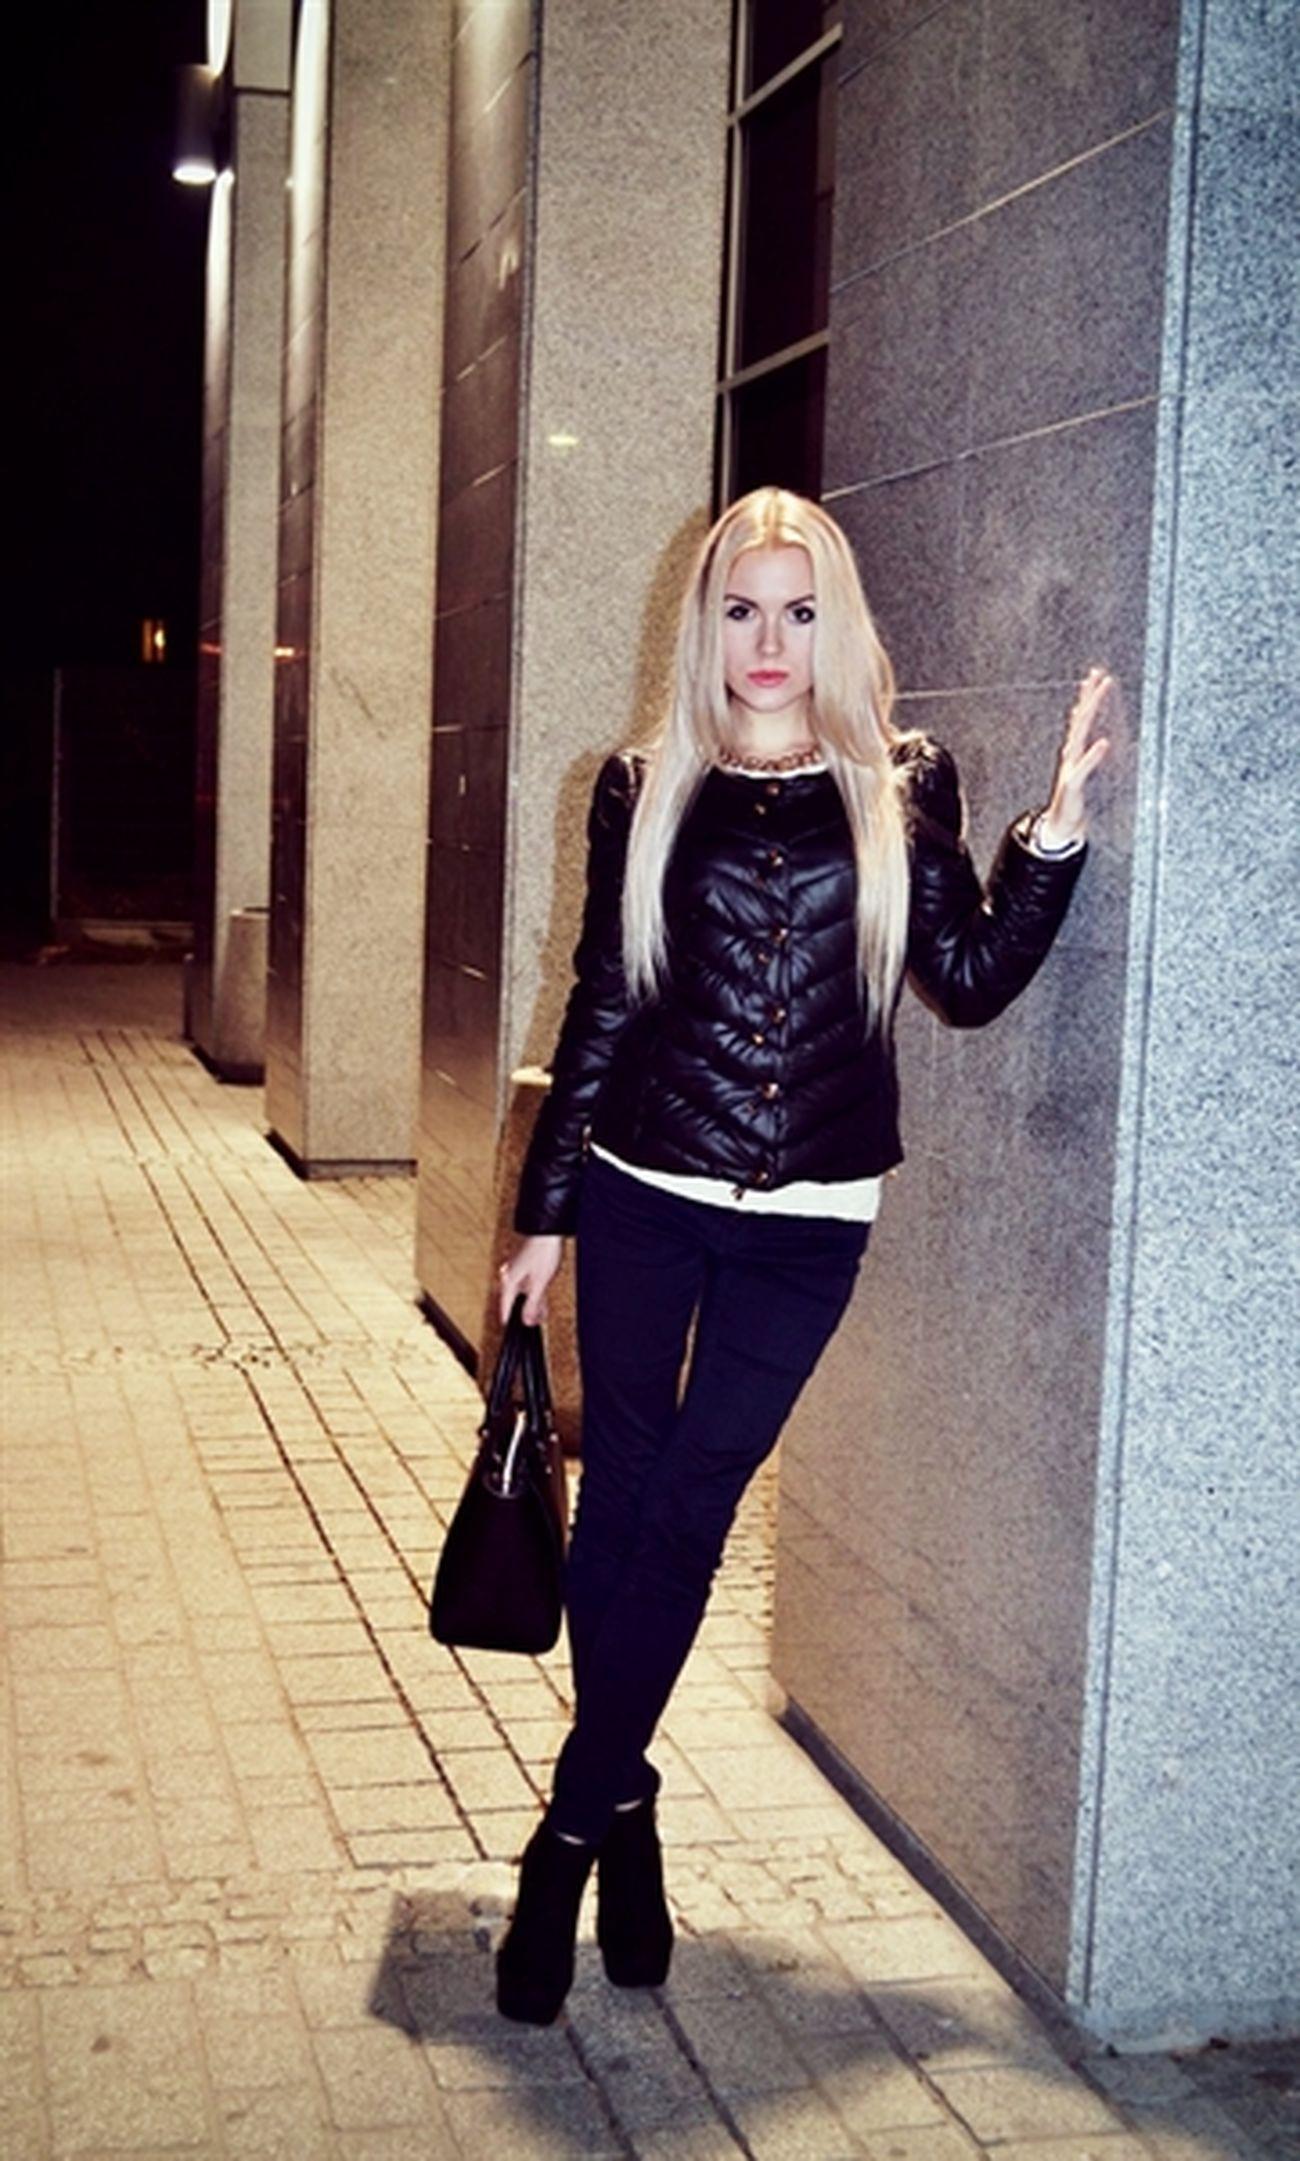 Shopping Blonde Girl Model Beauty